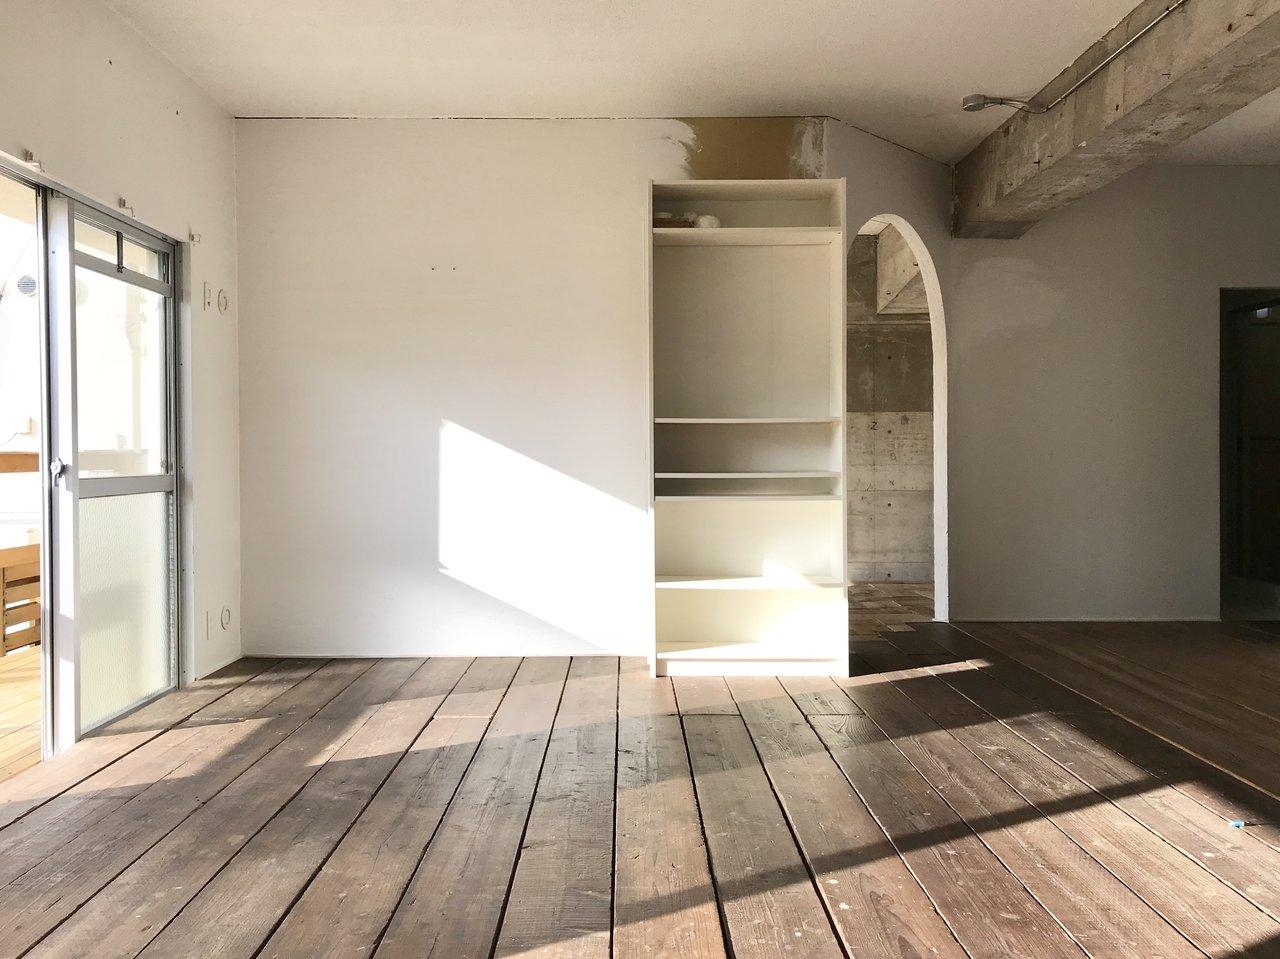 部屋に入った瞬間、「これは違うぞ」と存在感を放つ、66㎡。しかも、セルフリノベOKのお部屋です。